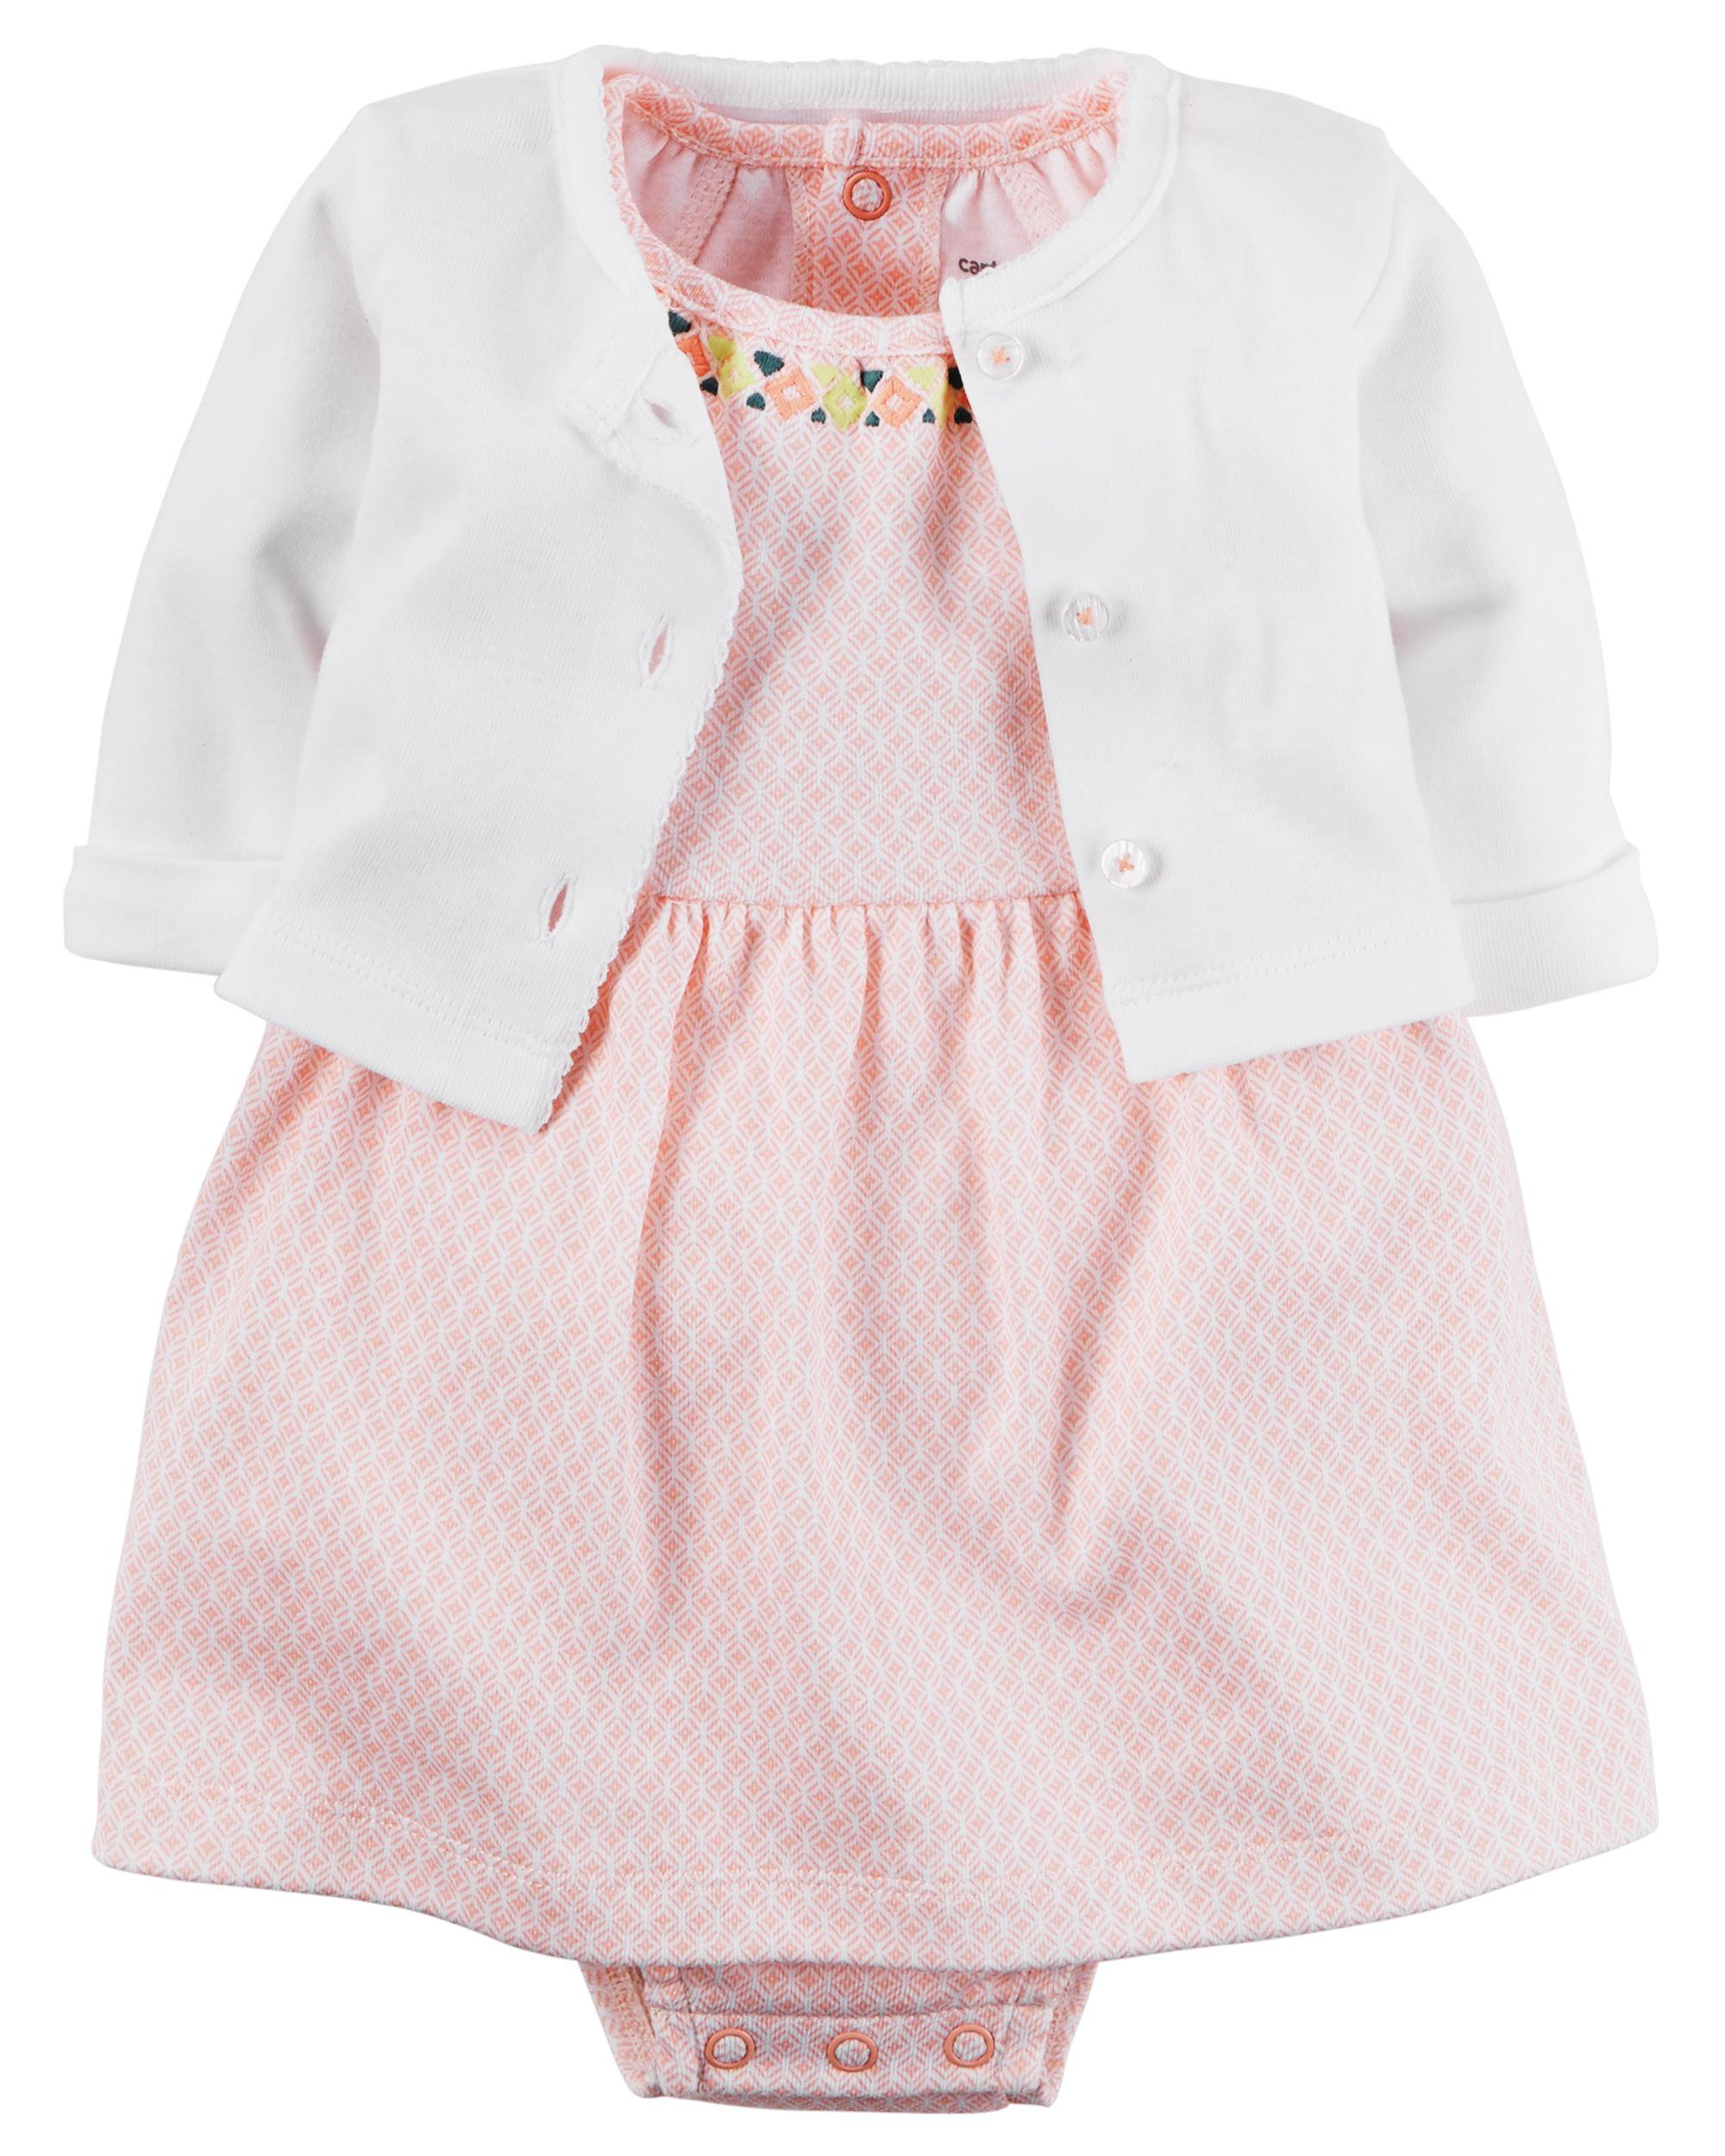 【美國Carter's】套裝2件組-粉嫩圖騰包屁式洋裝+純棉小外套#126G283